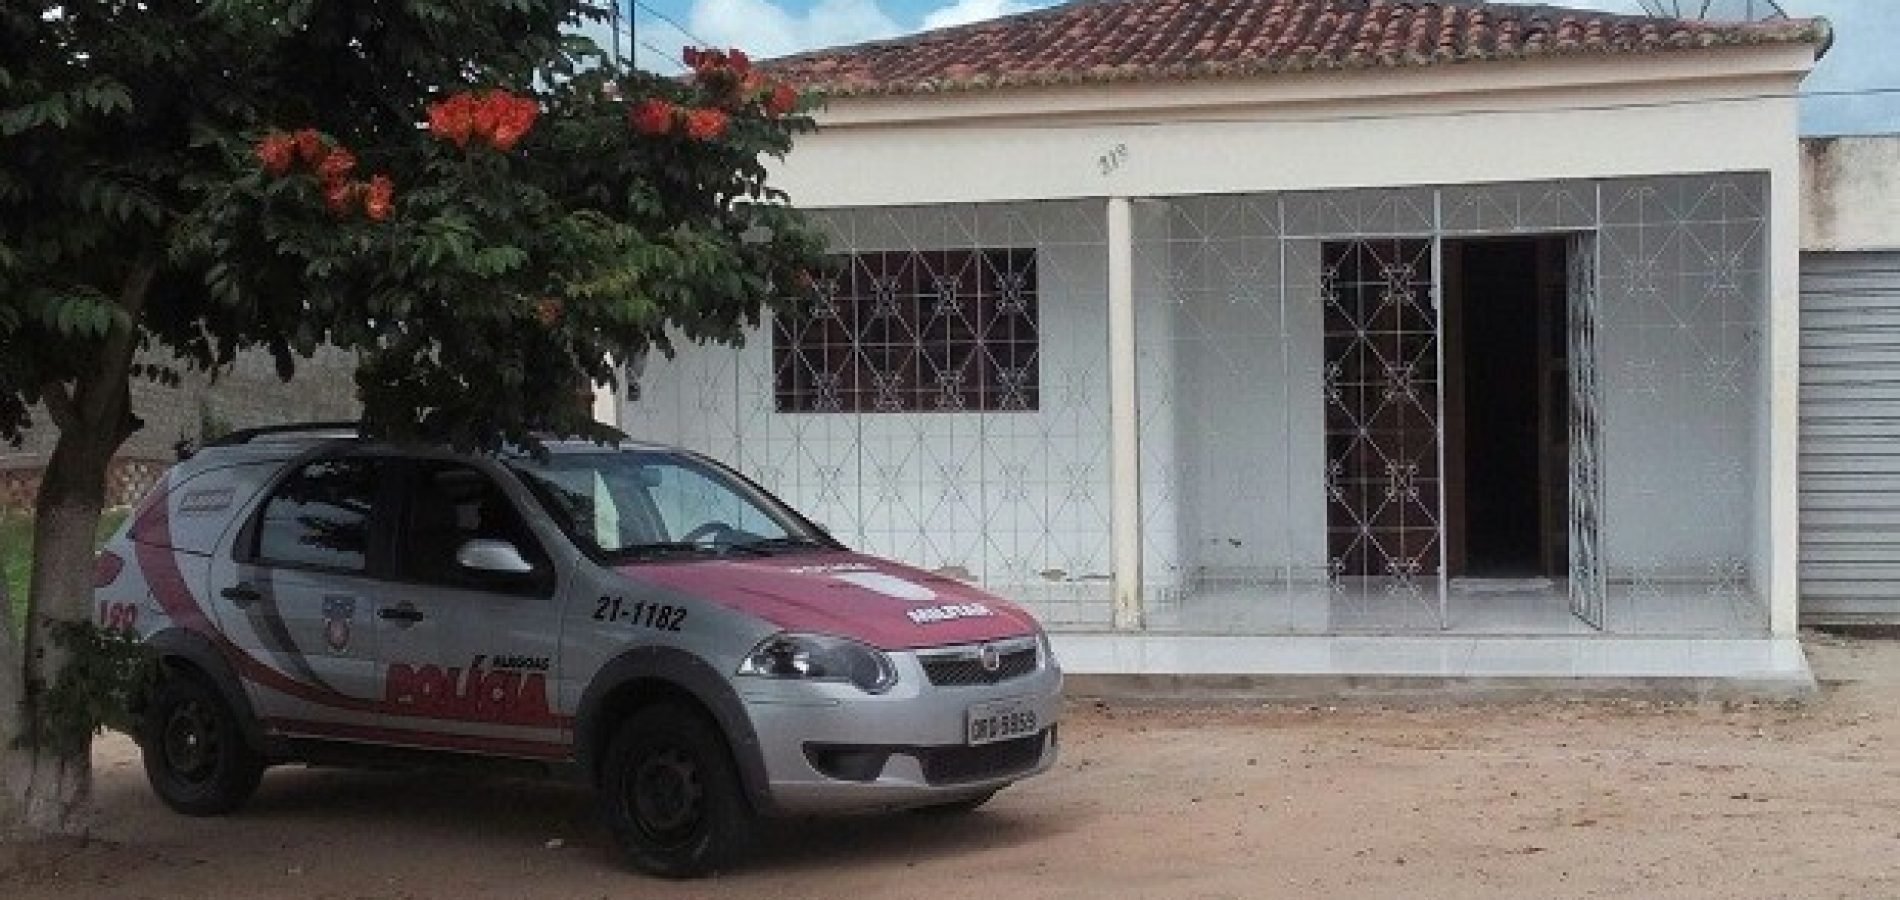 Motocicleta é roubada em plena luz do dia em Campo Grande do Piauí